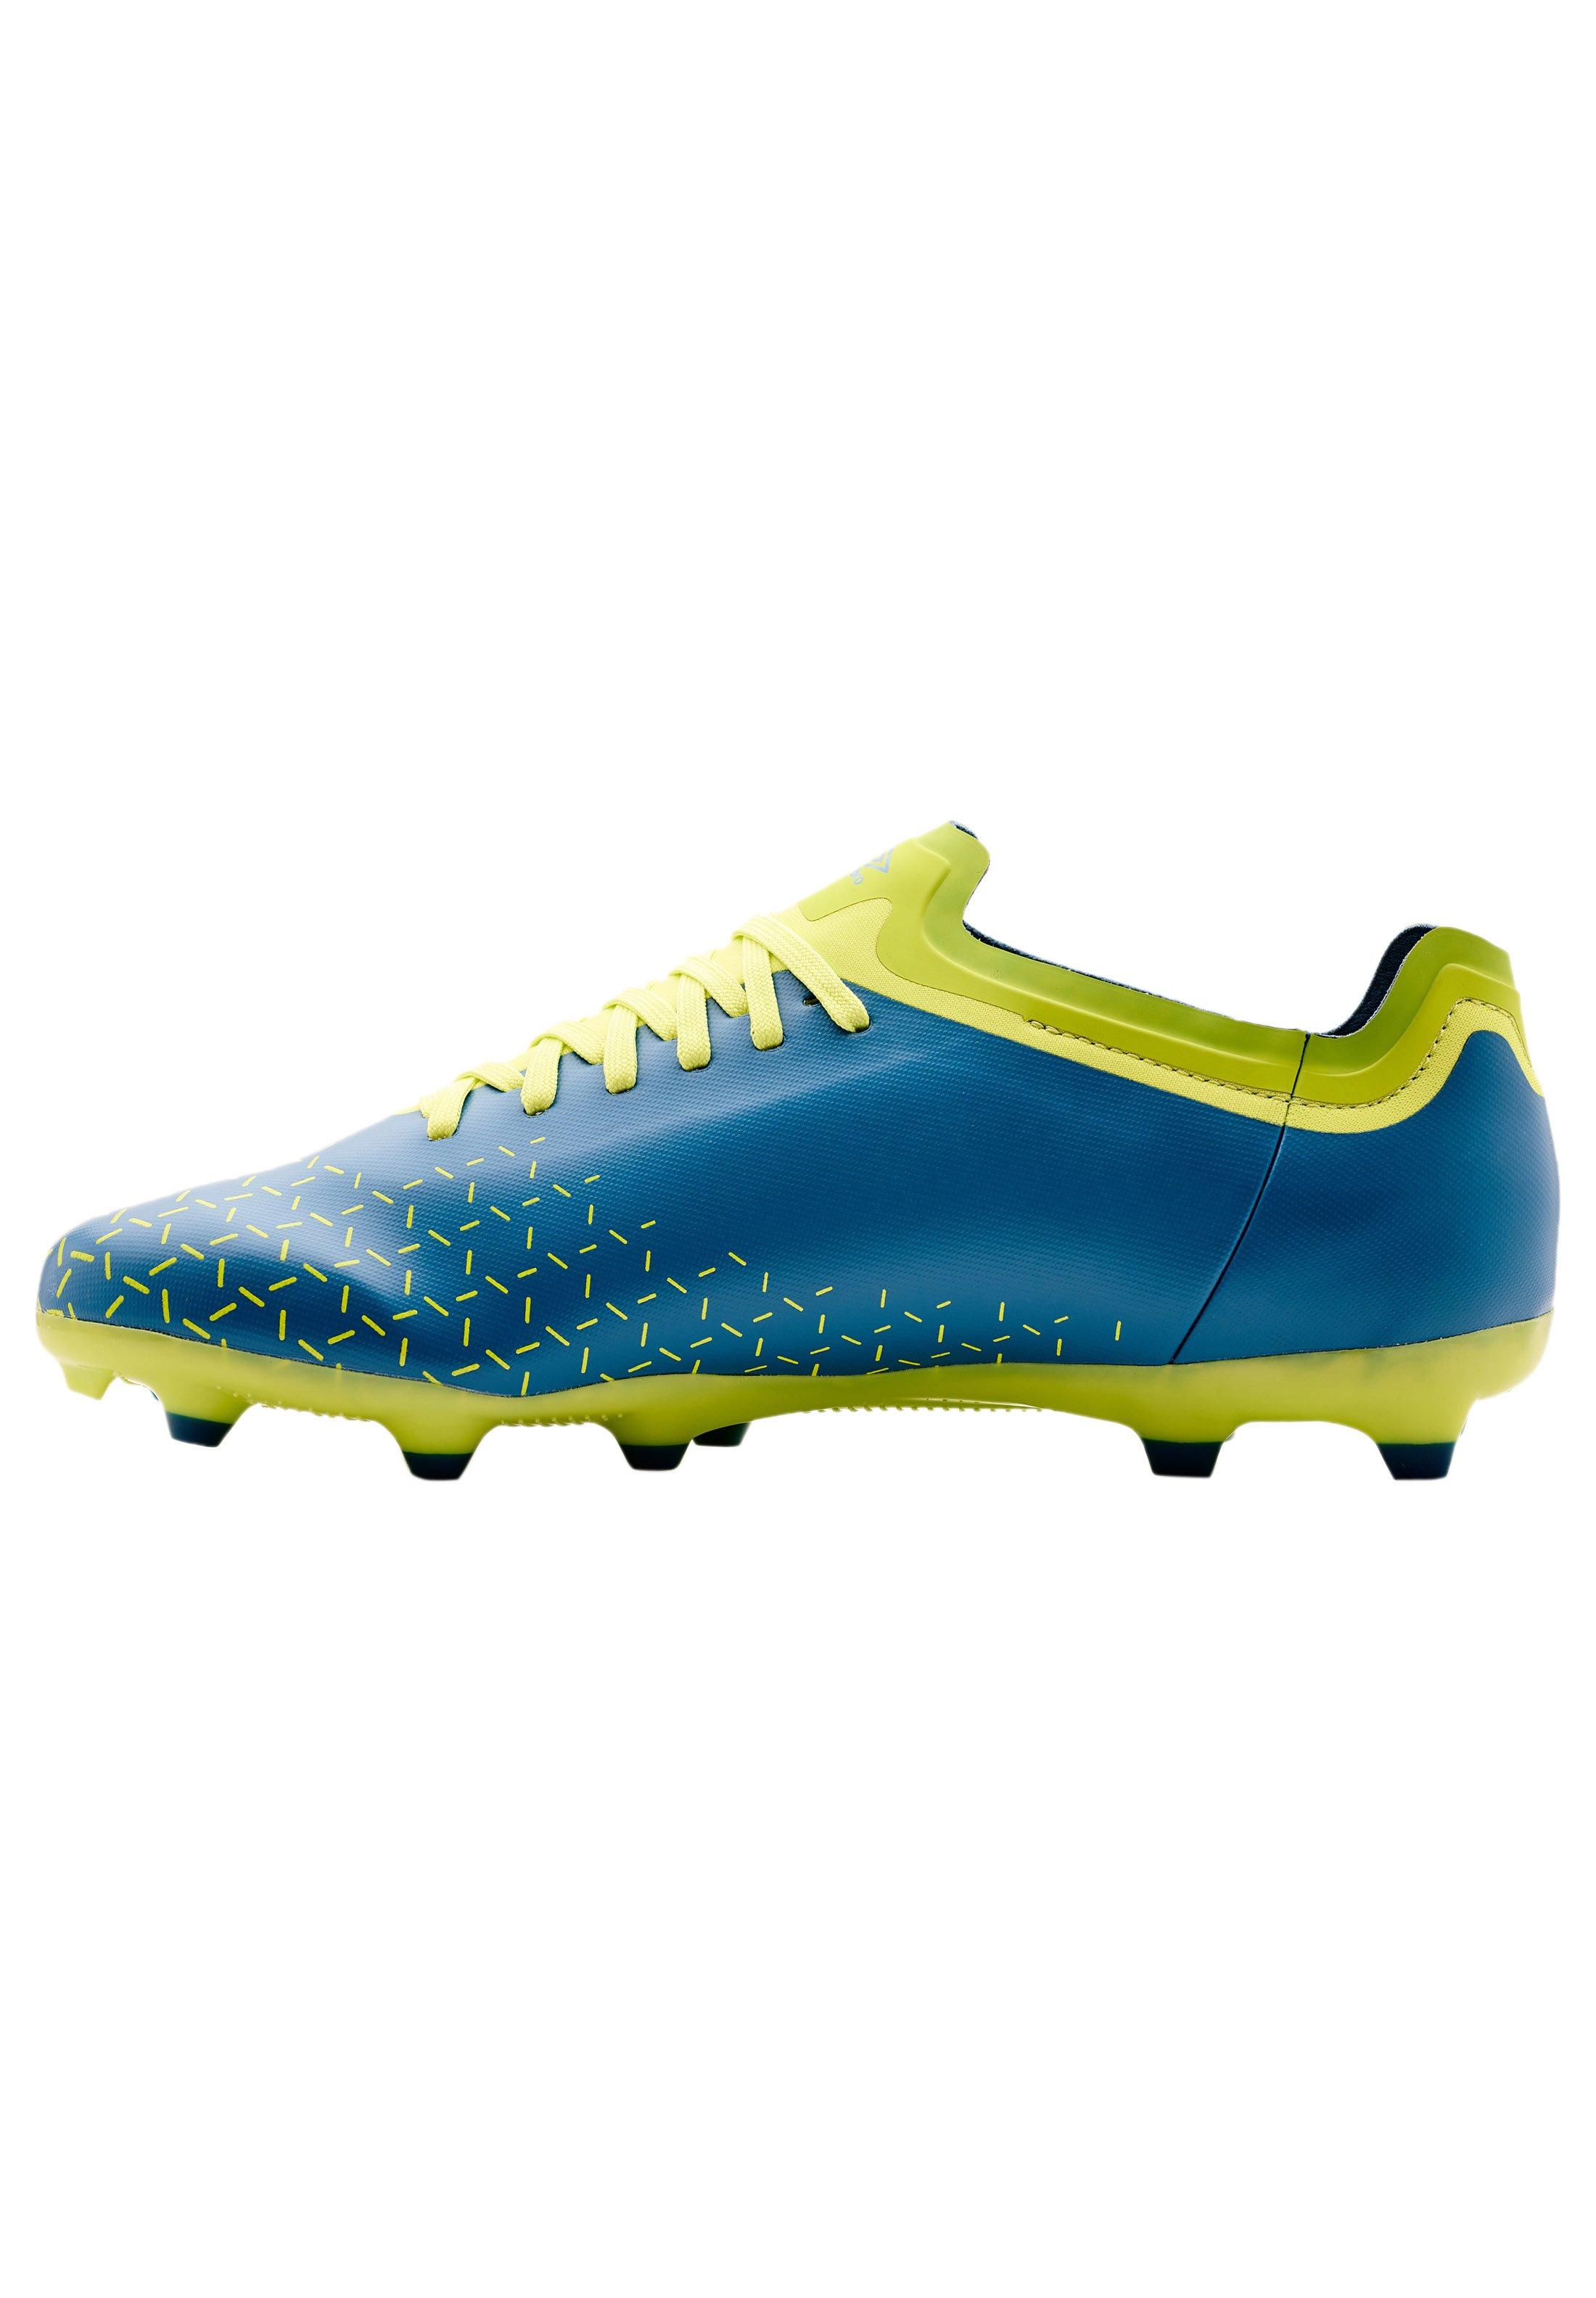 Homme Chaussures de foot en salle